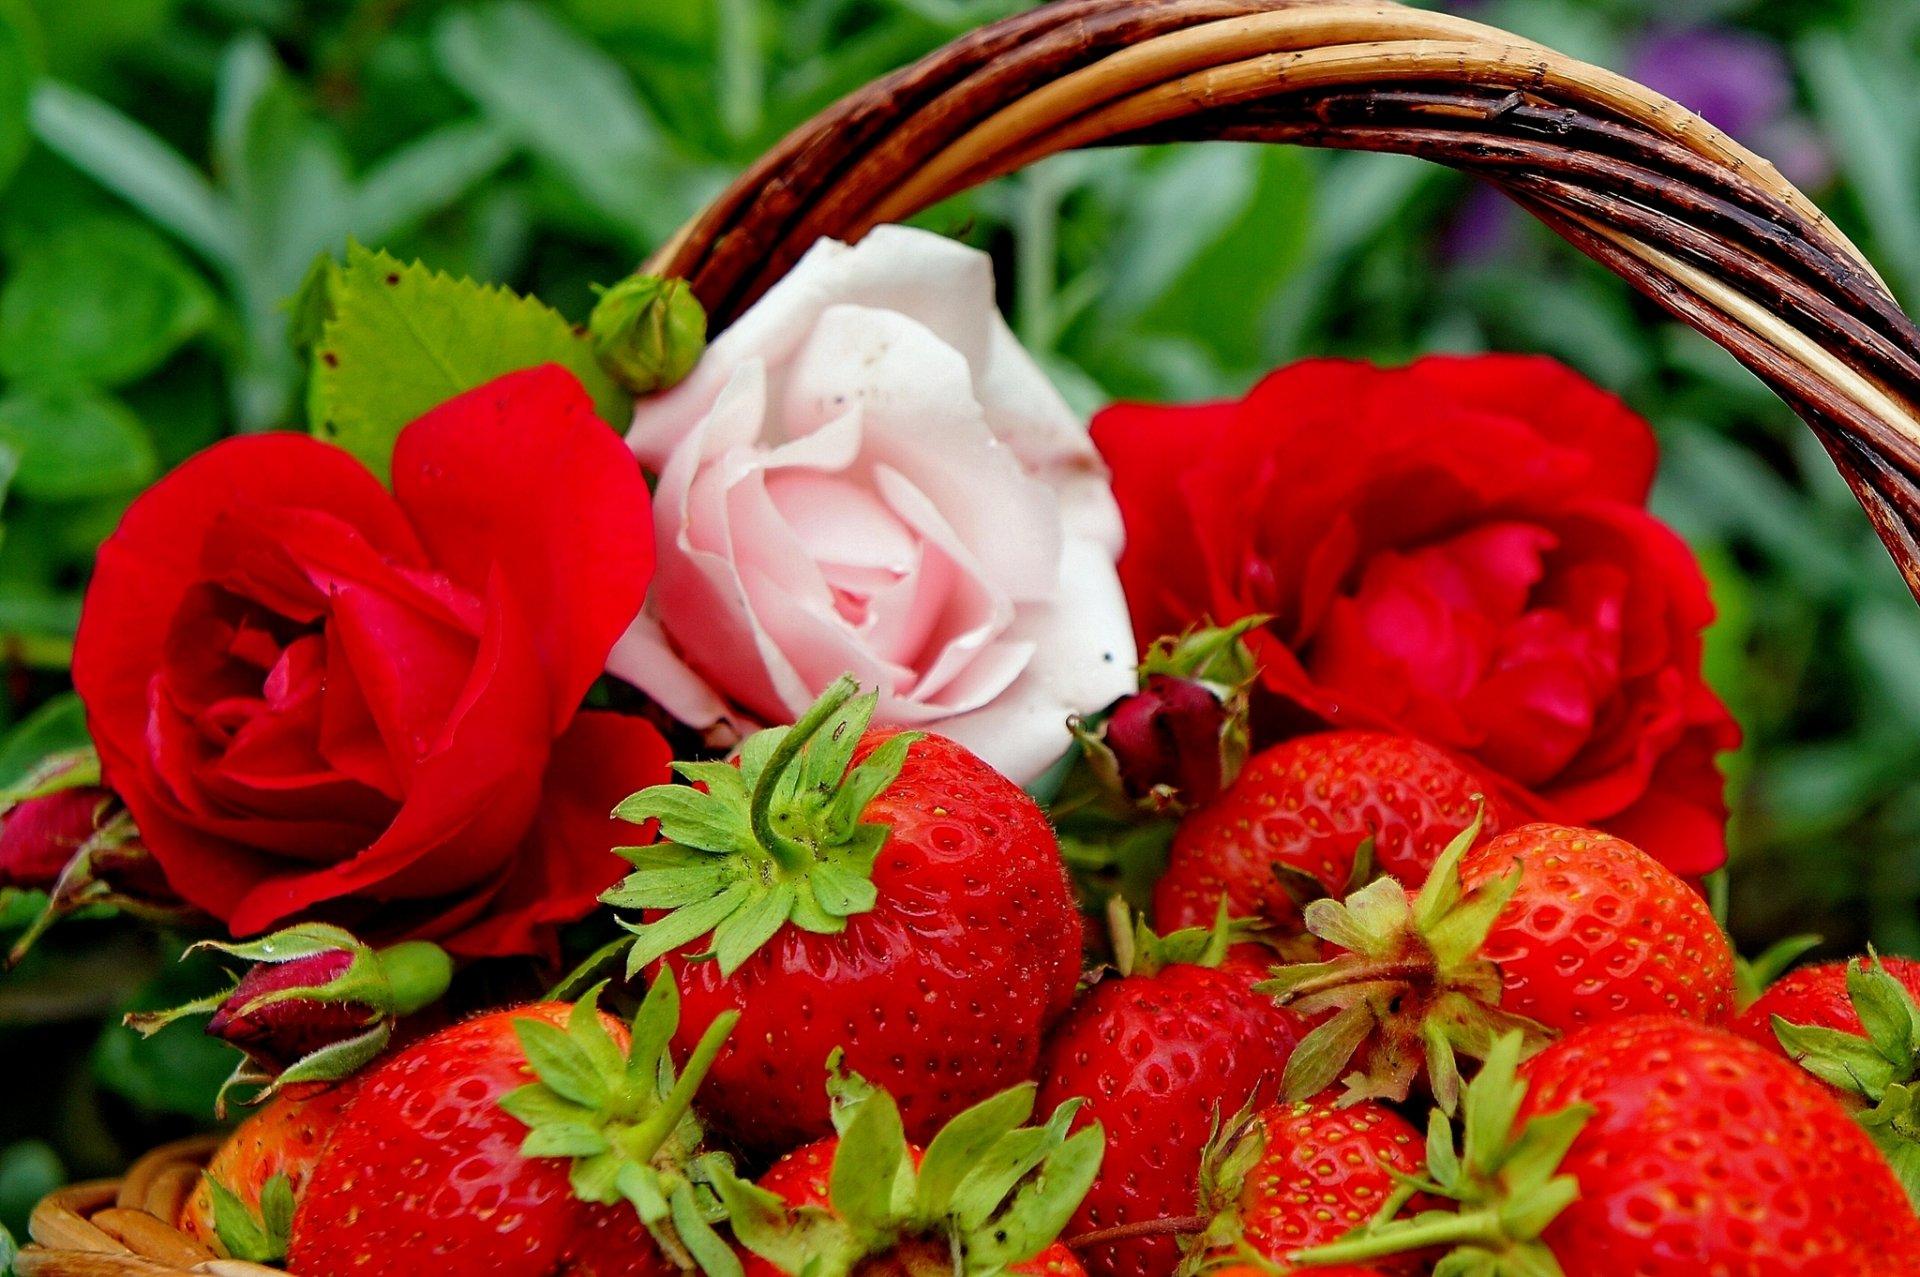 Цветы и фрукты картинки